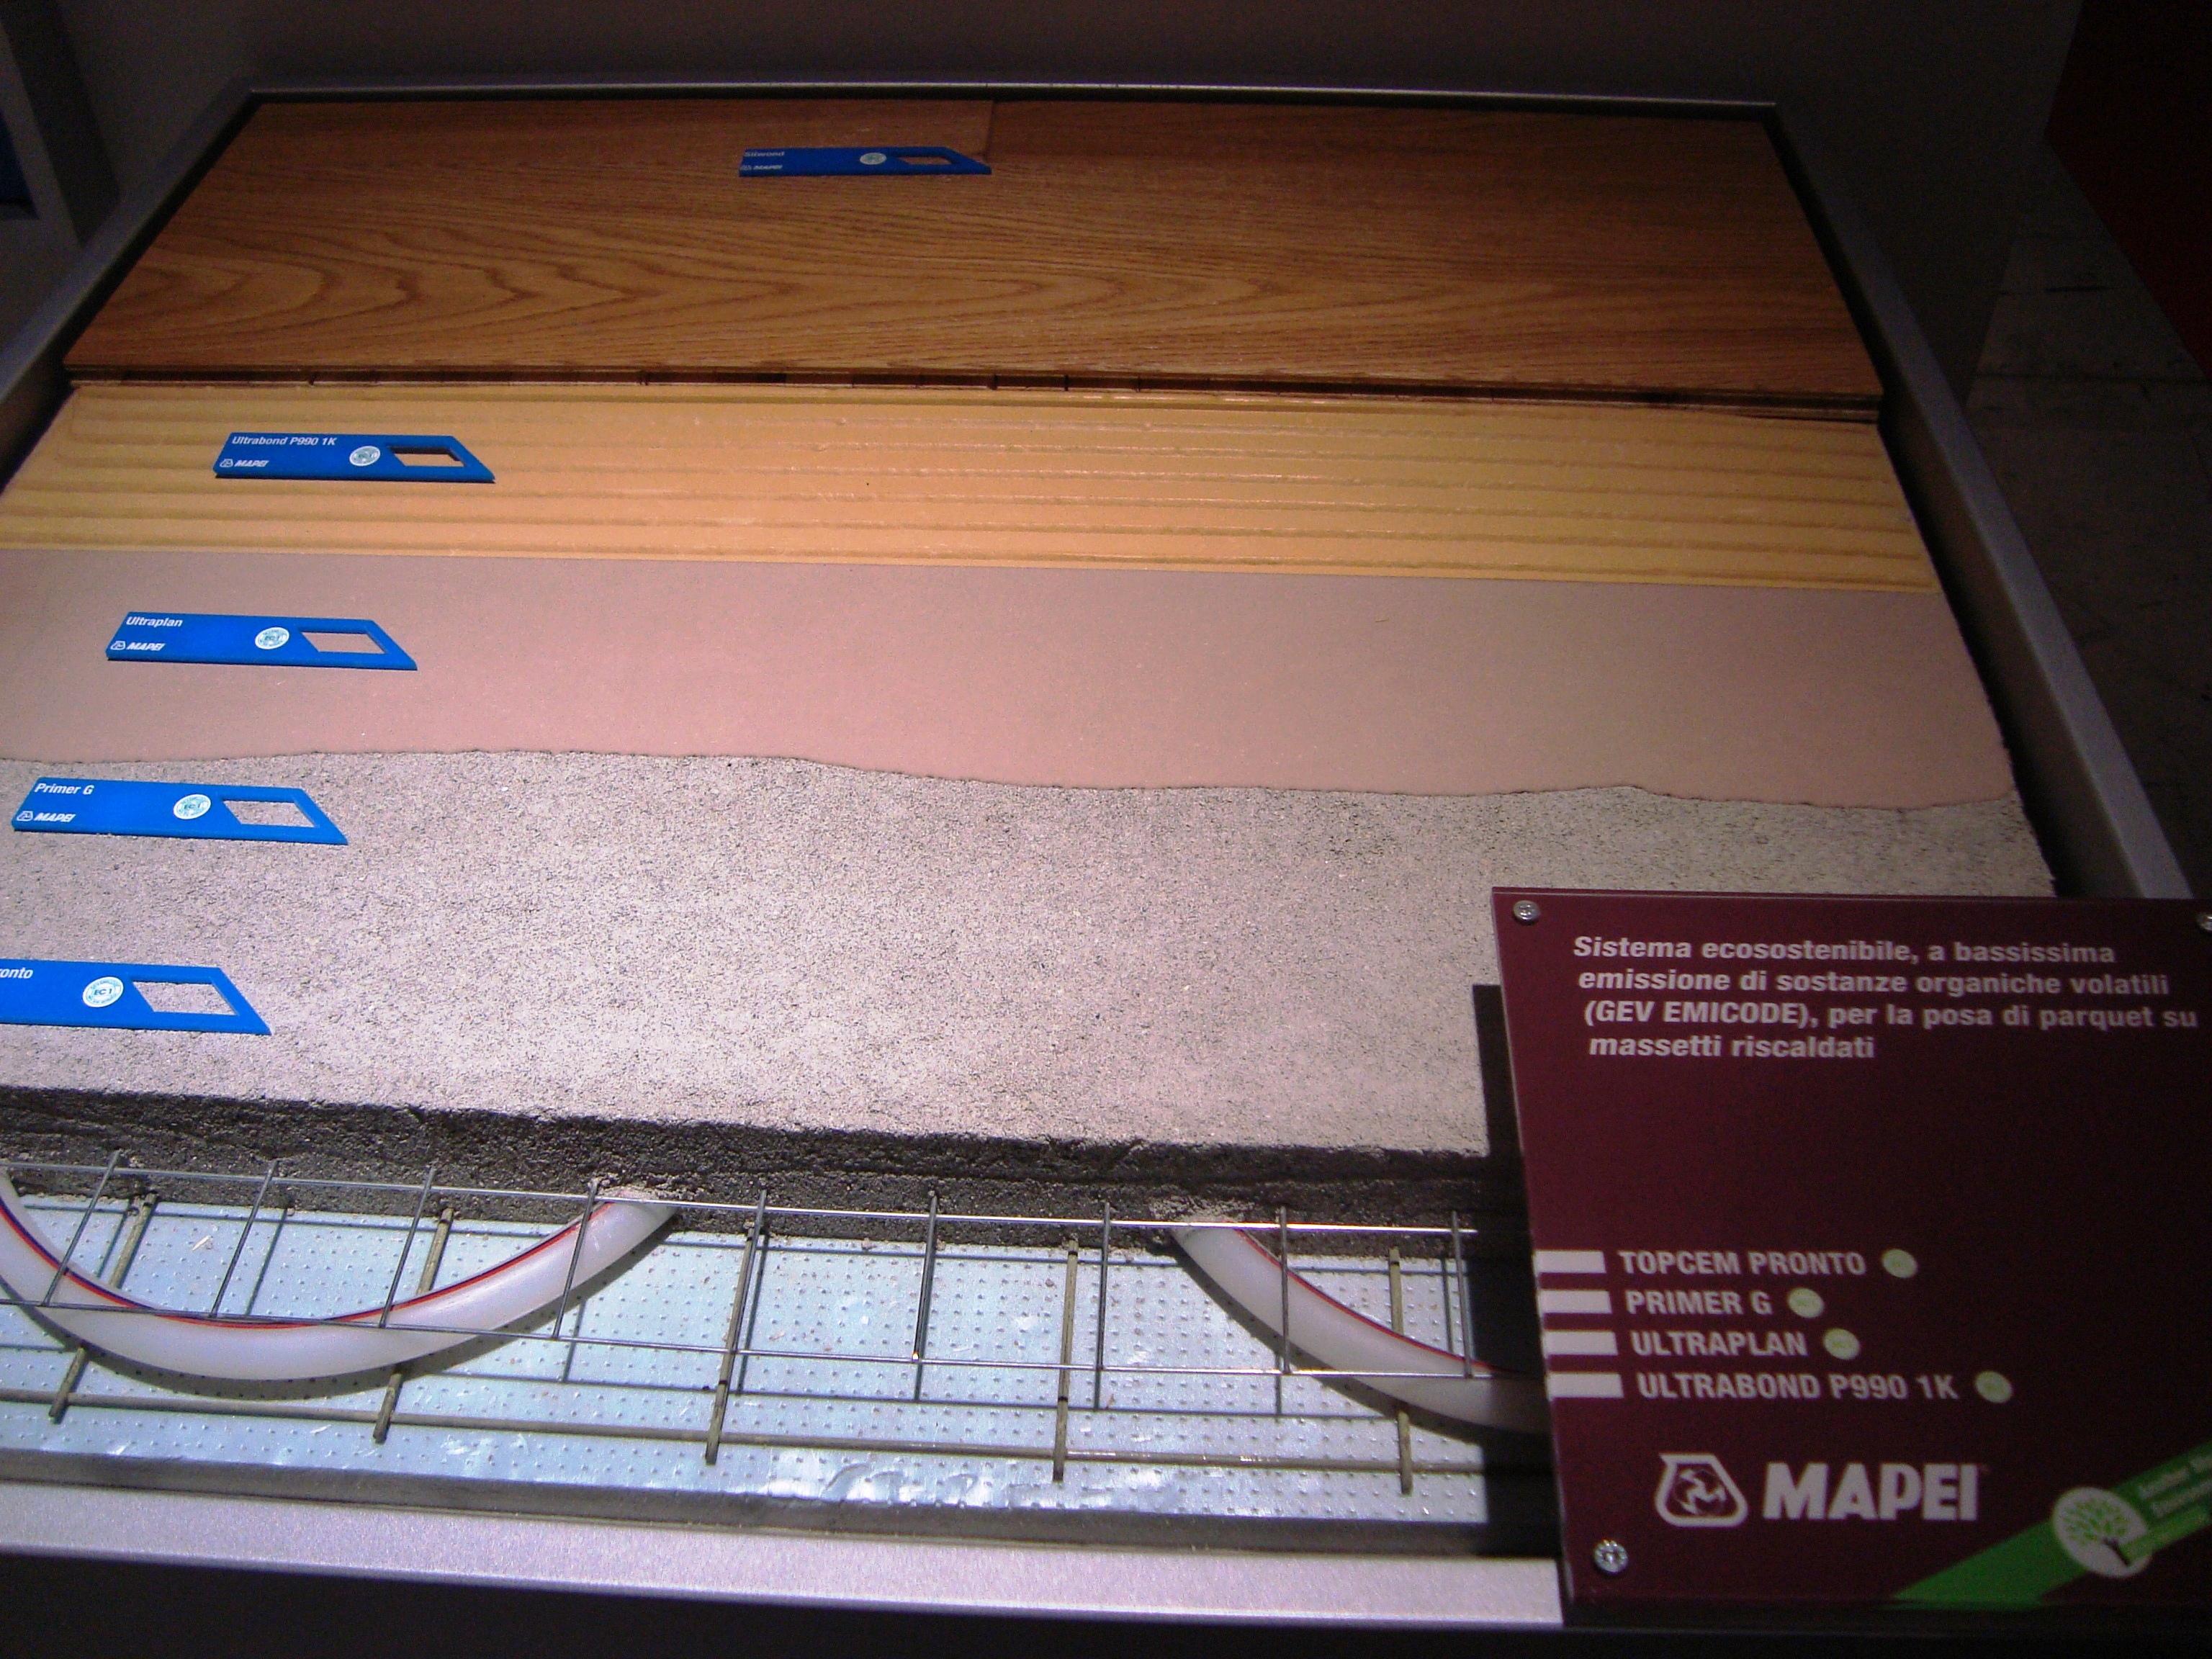 Sistem montaj parchet pe sapa cu sistem de incalzire MAPEI - Poza 5